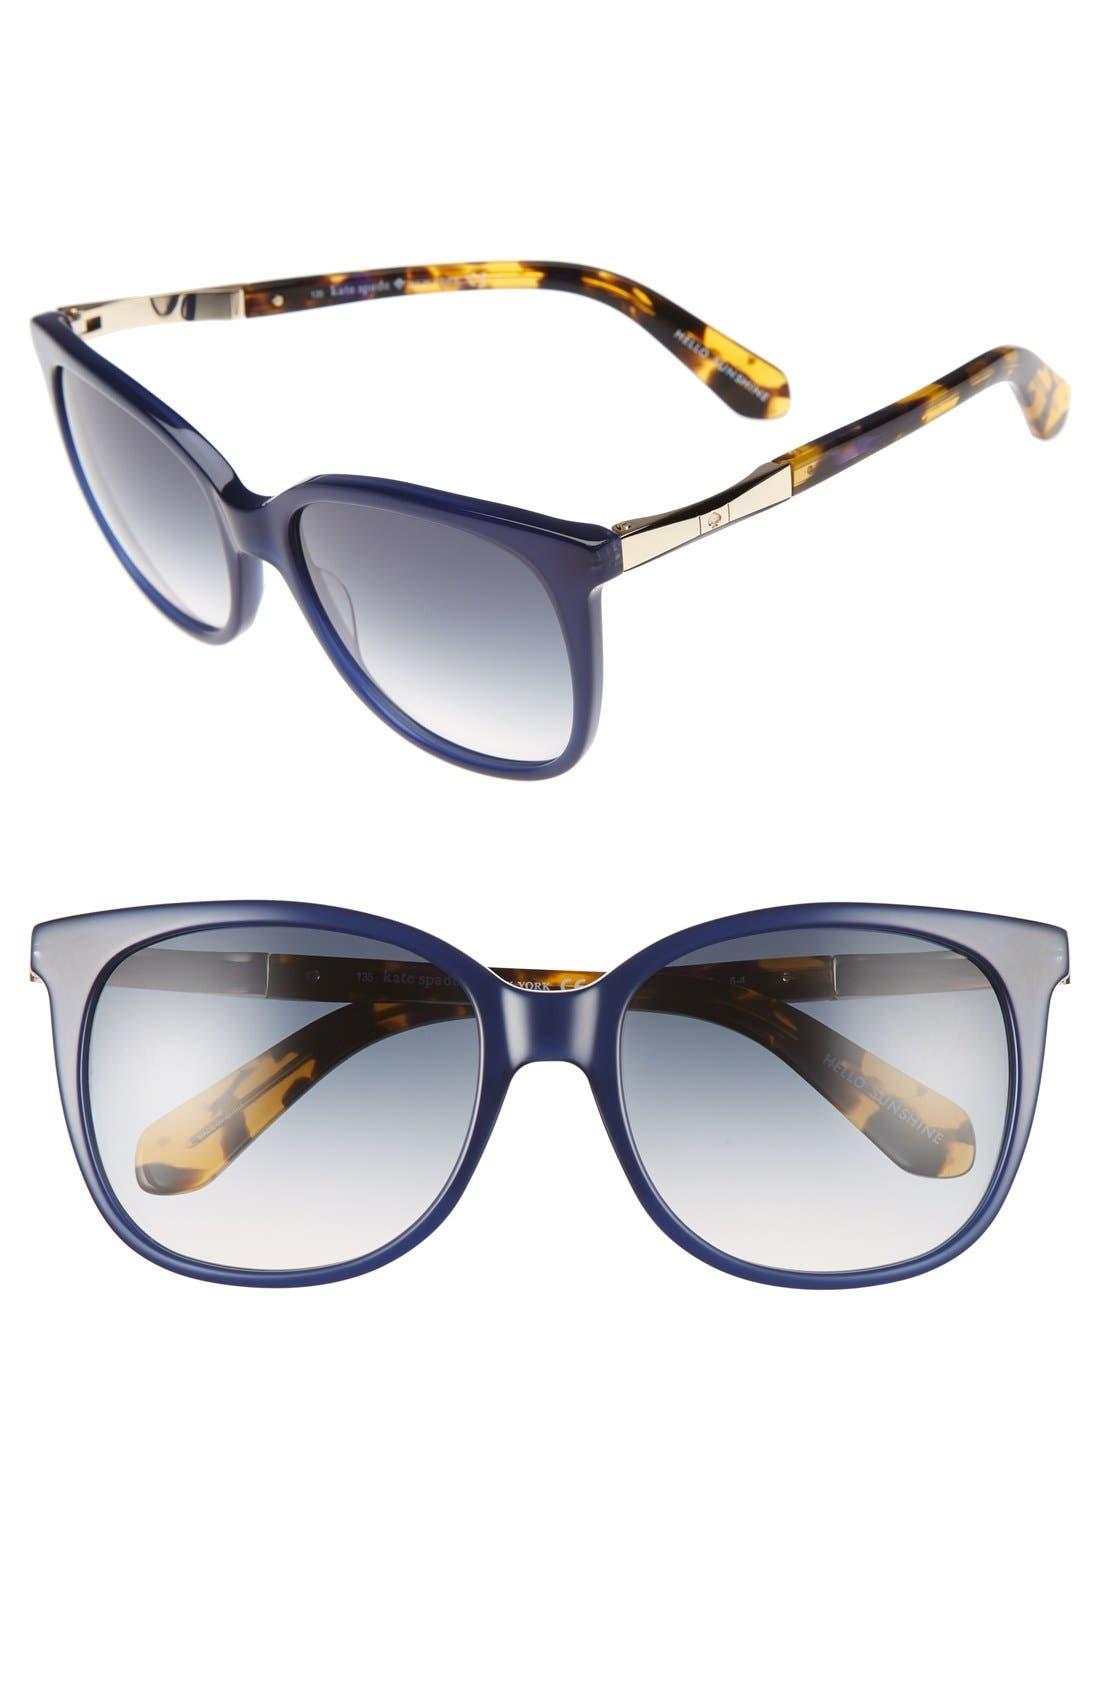 kate spade new york julieanna 54mm sunglasses